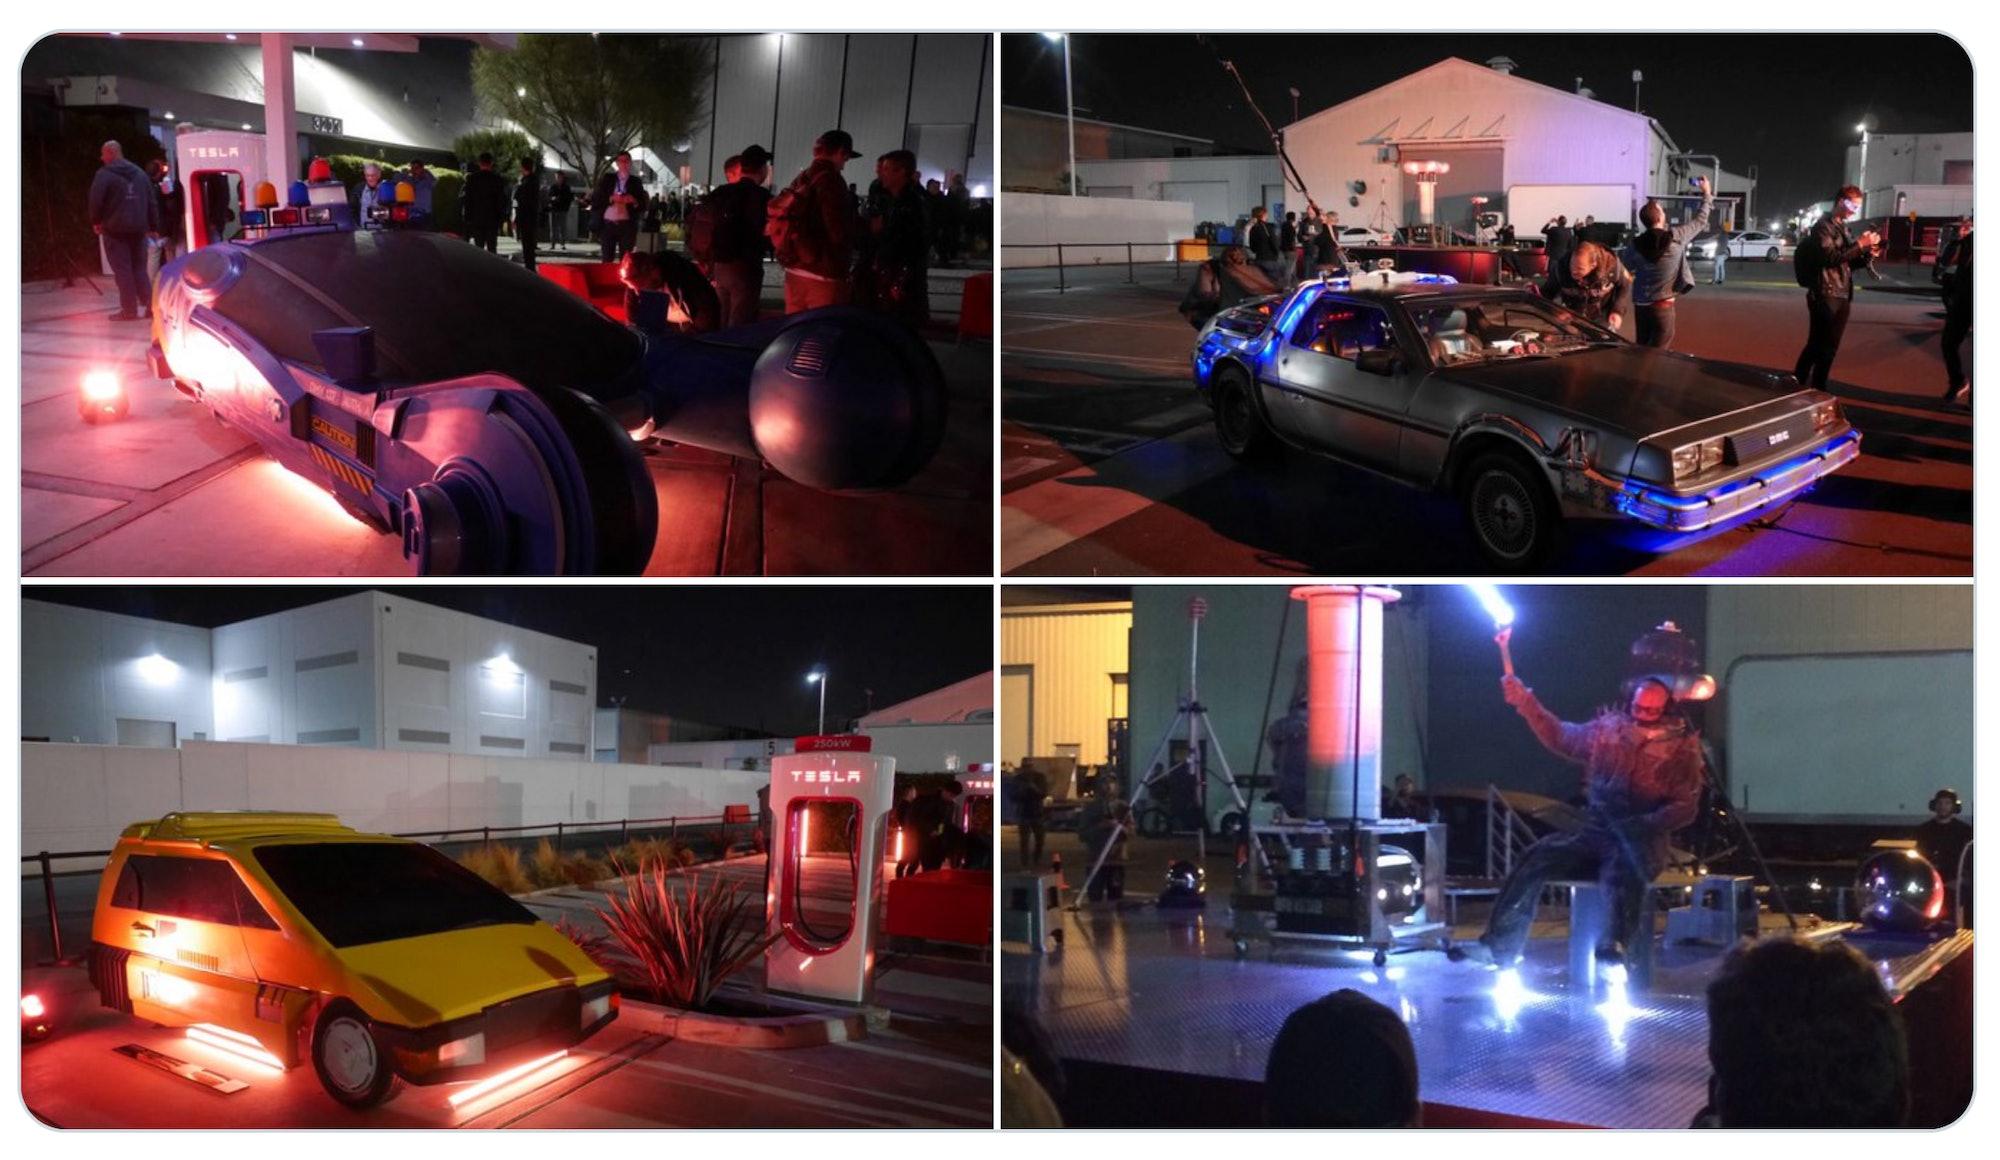 Sci-fi cars at Tesla Cyberpunk event